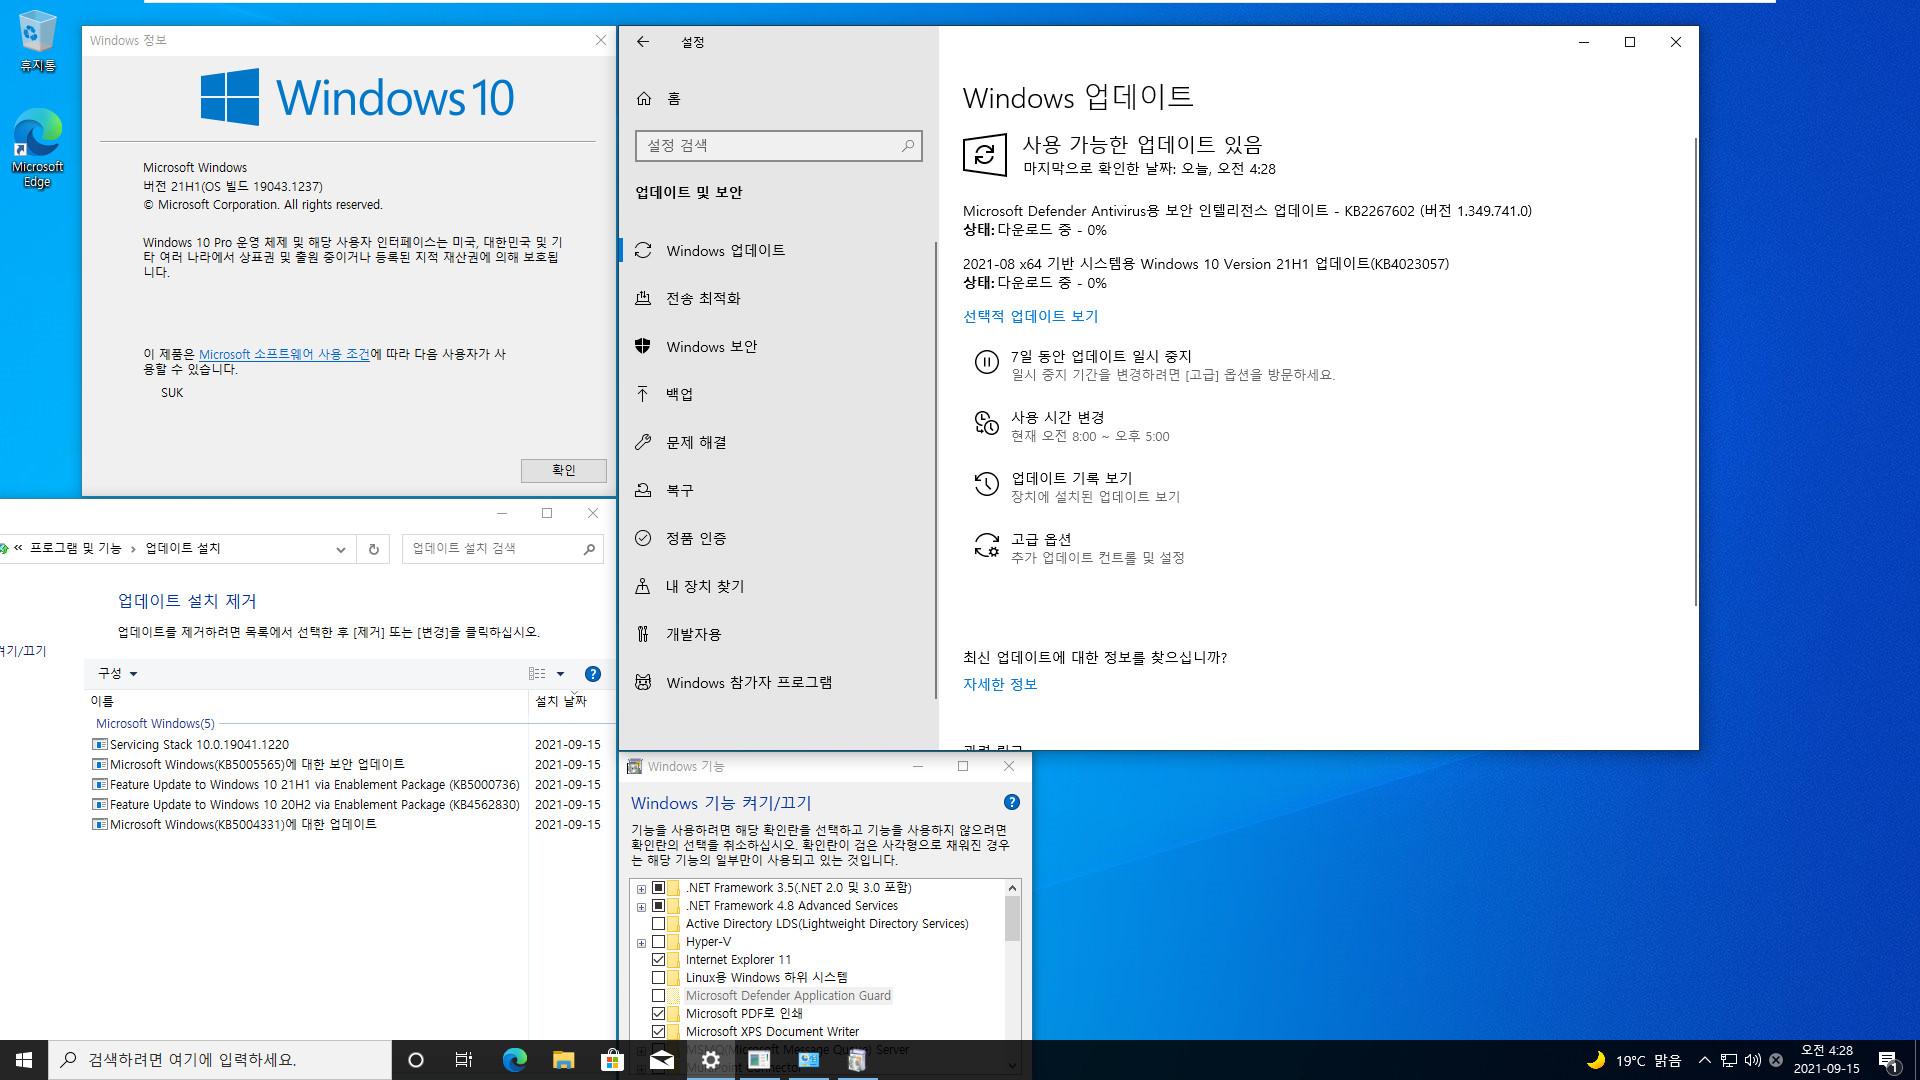 2021-09-15 정기 업데이트 - PRO x64 4개 버전 통합 - Windows 10 버전 2004, 빌드 19041.1237 + 버전 20H2, 빌드 19042.1237 + 버전 21H1, 빌드 19043.1237 + 버전 21H2, 빌드 19044.1237 - 공용 누적 업데이트 KB5005565 - 2021-09-15_042803.jpg